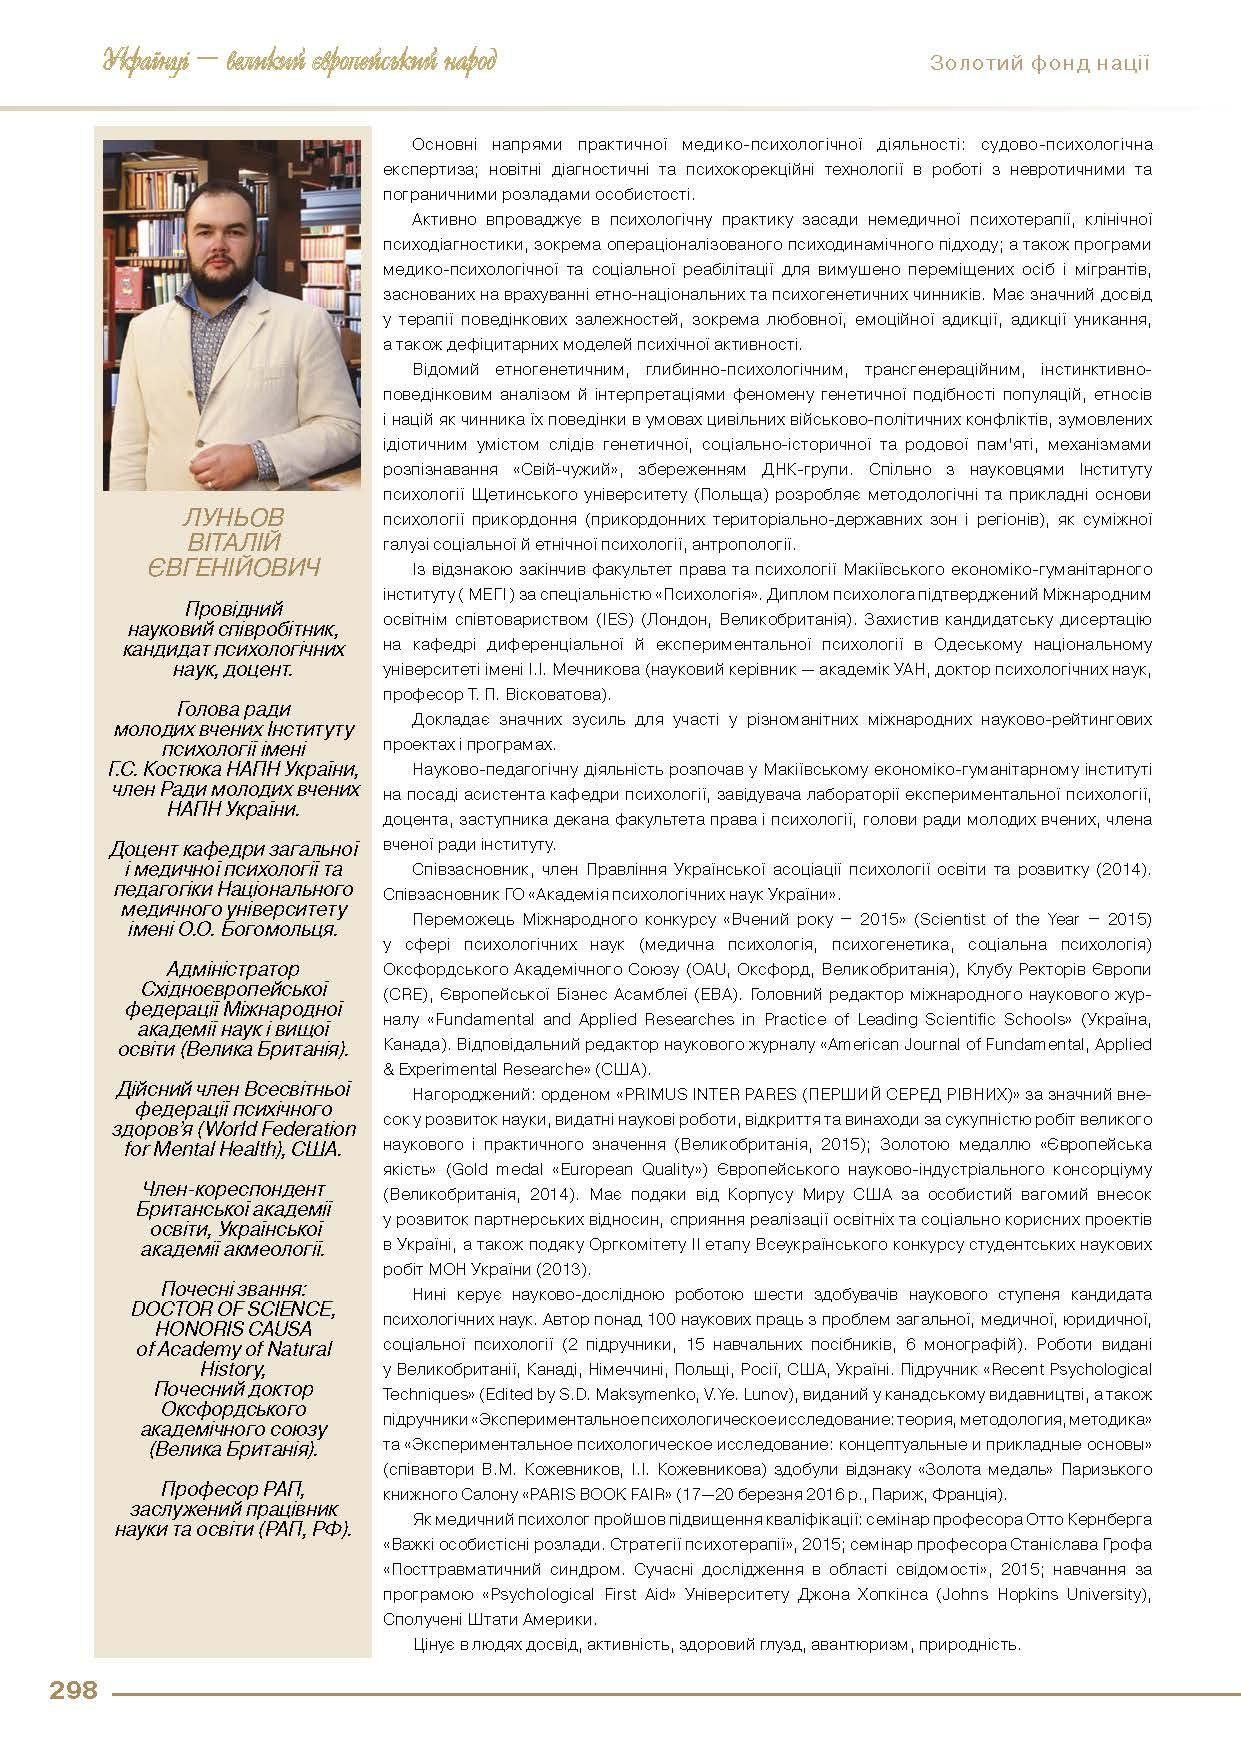 Луньов Віталій Євгенійович